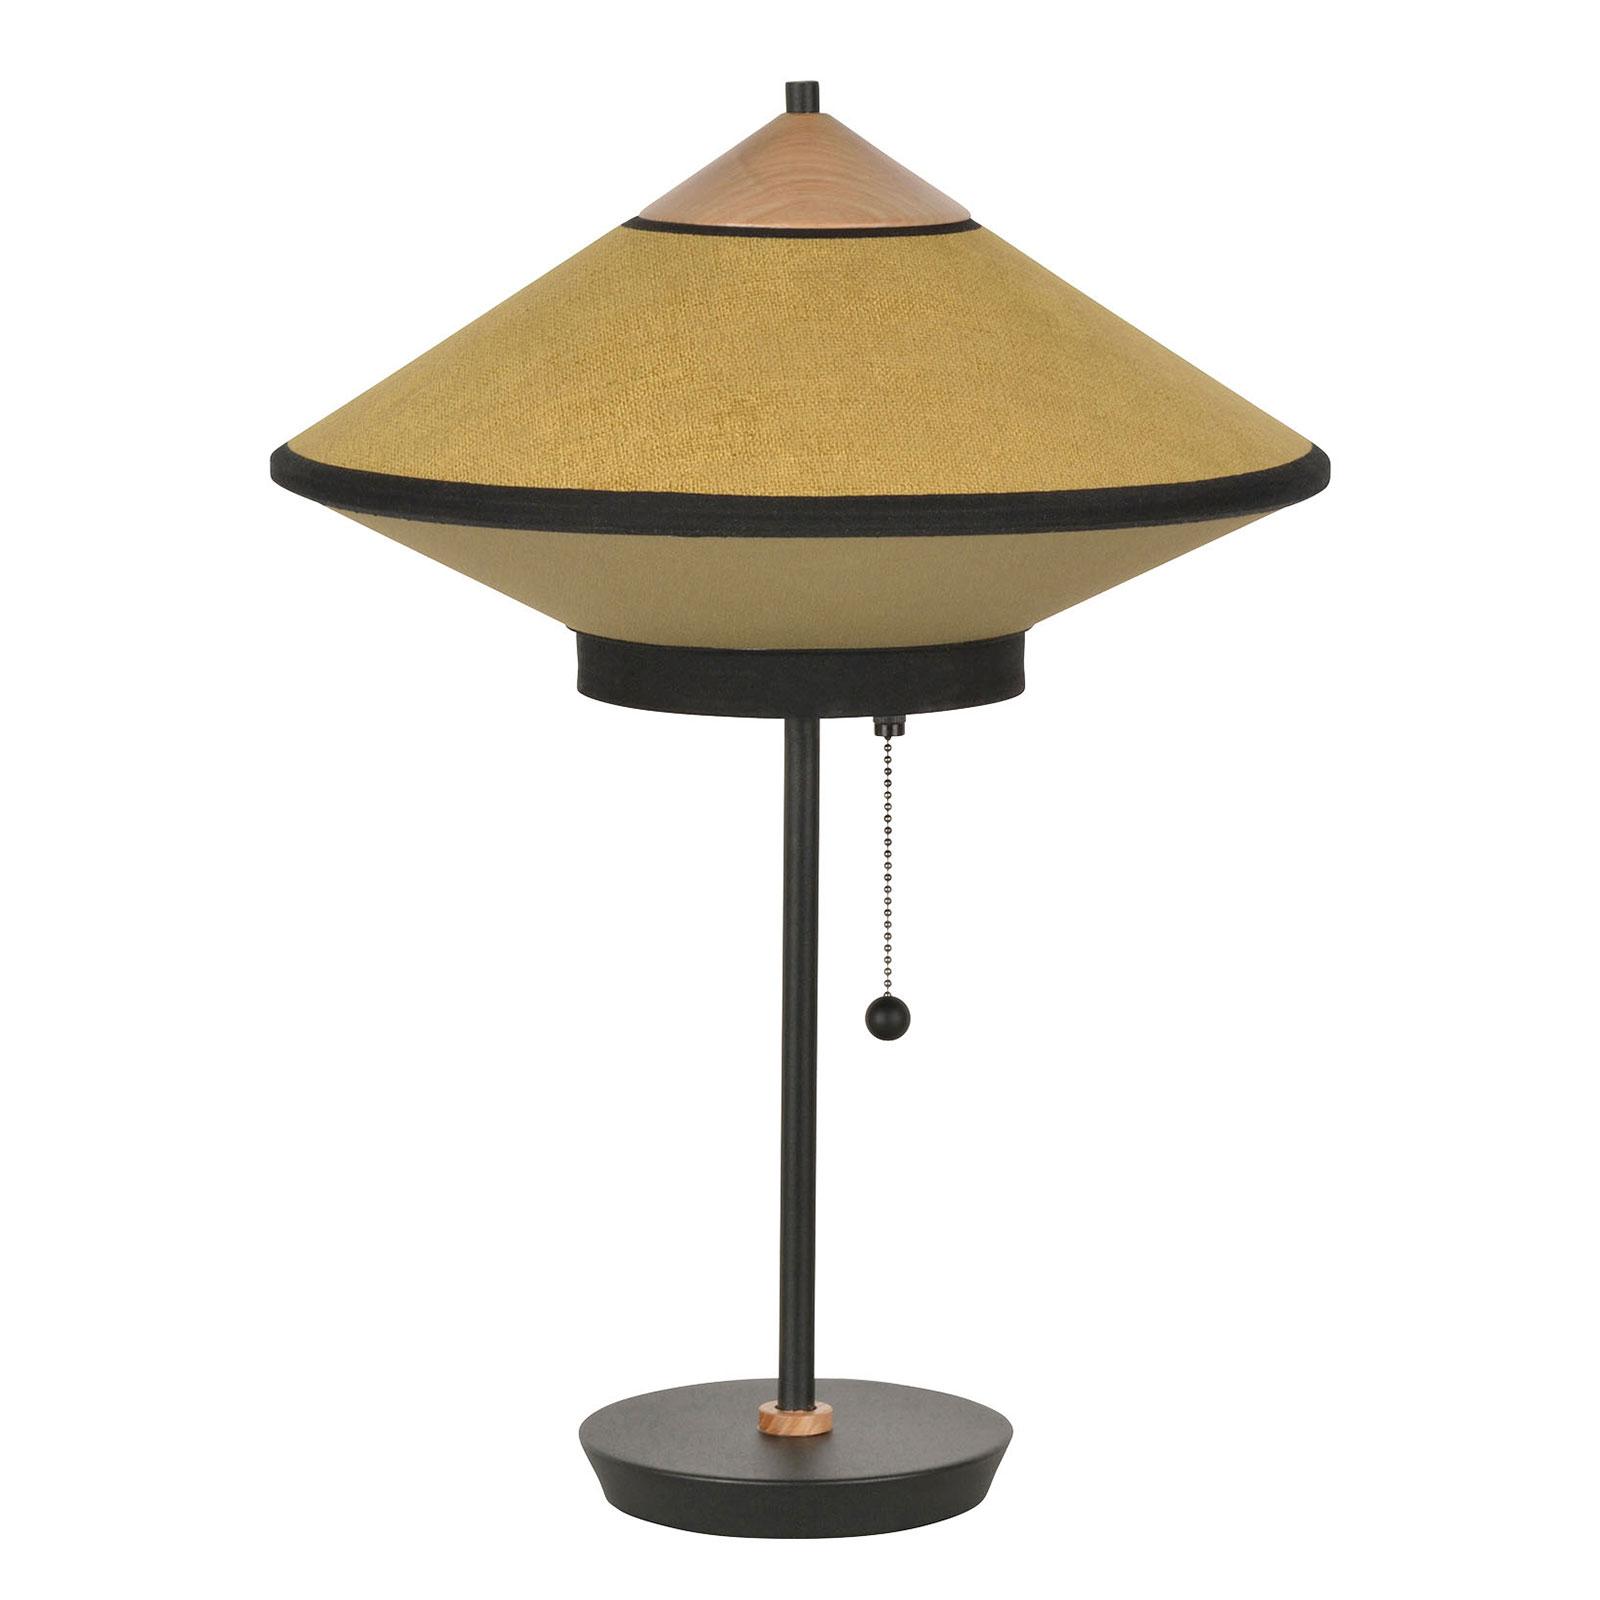 Forestier Cymbal S Tischleuchte, bronze